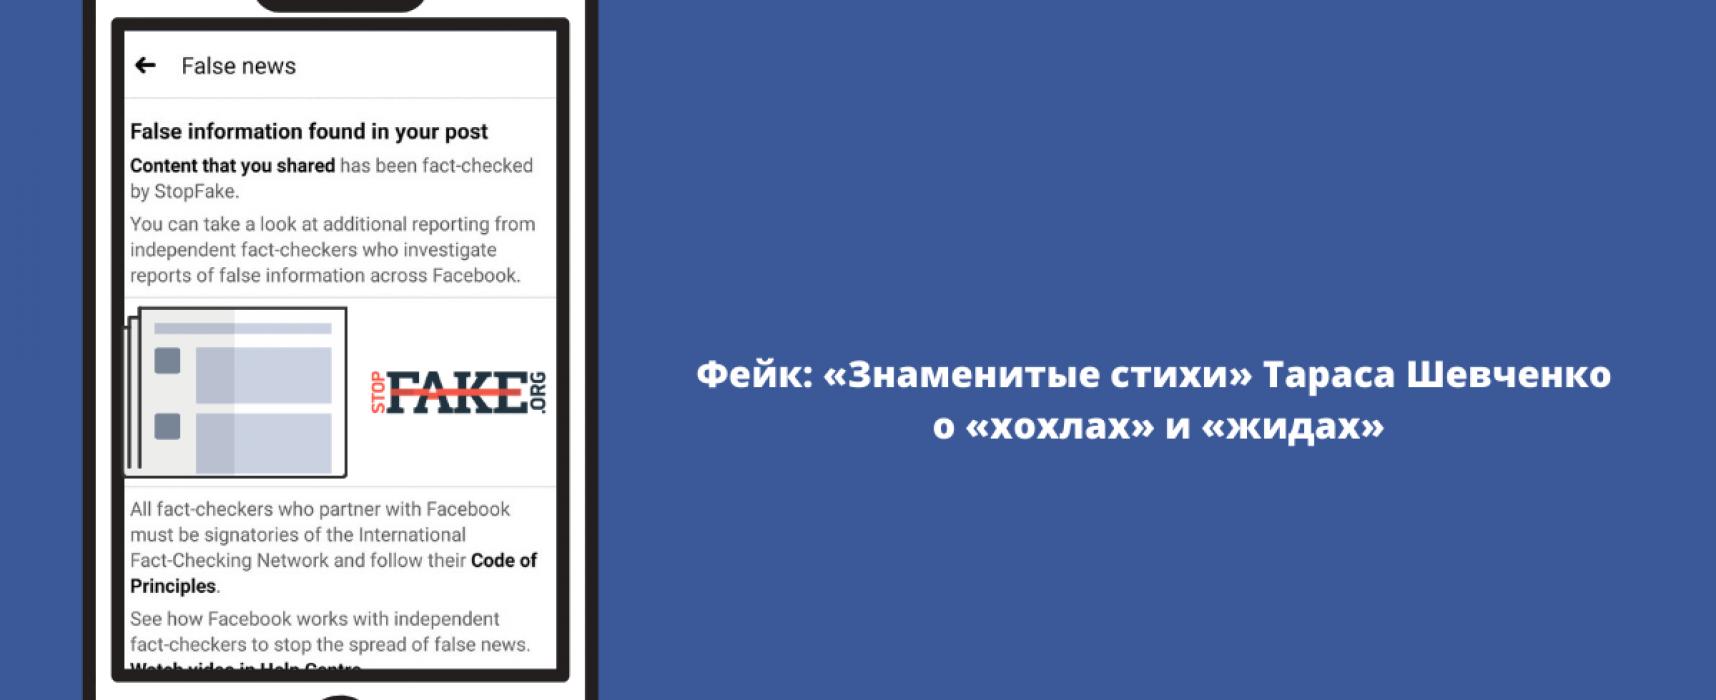 Фейк: «Славнозвісні вірші» Тараса Шевченка про «хохлів» і «жидів»